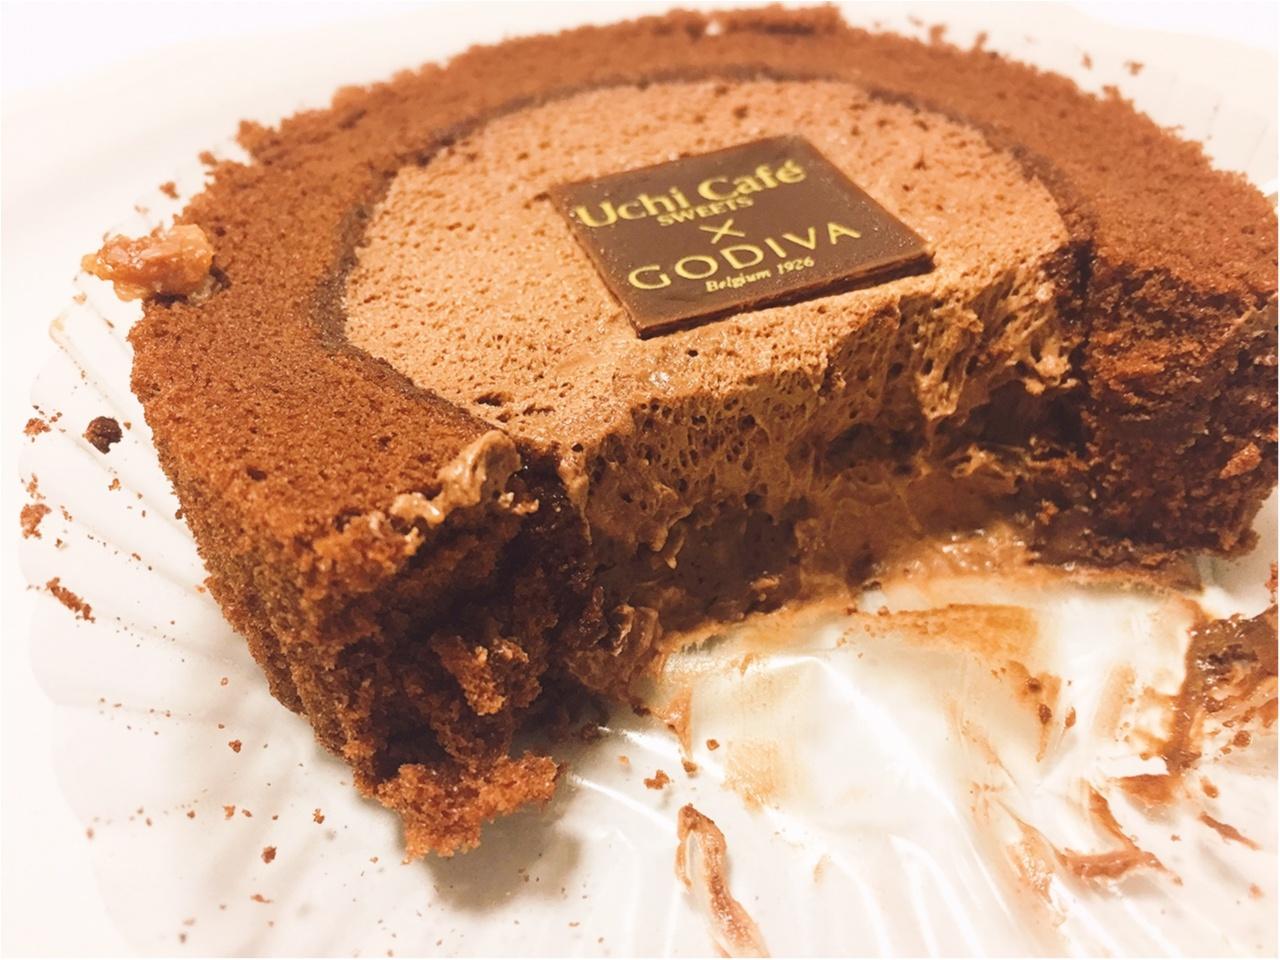 数量限定!ローソンとGODIVAコラボのショコラロールケーキは食べるしかない!!_3